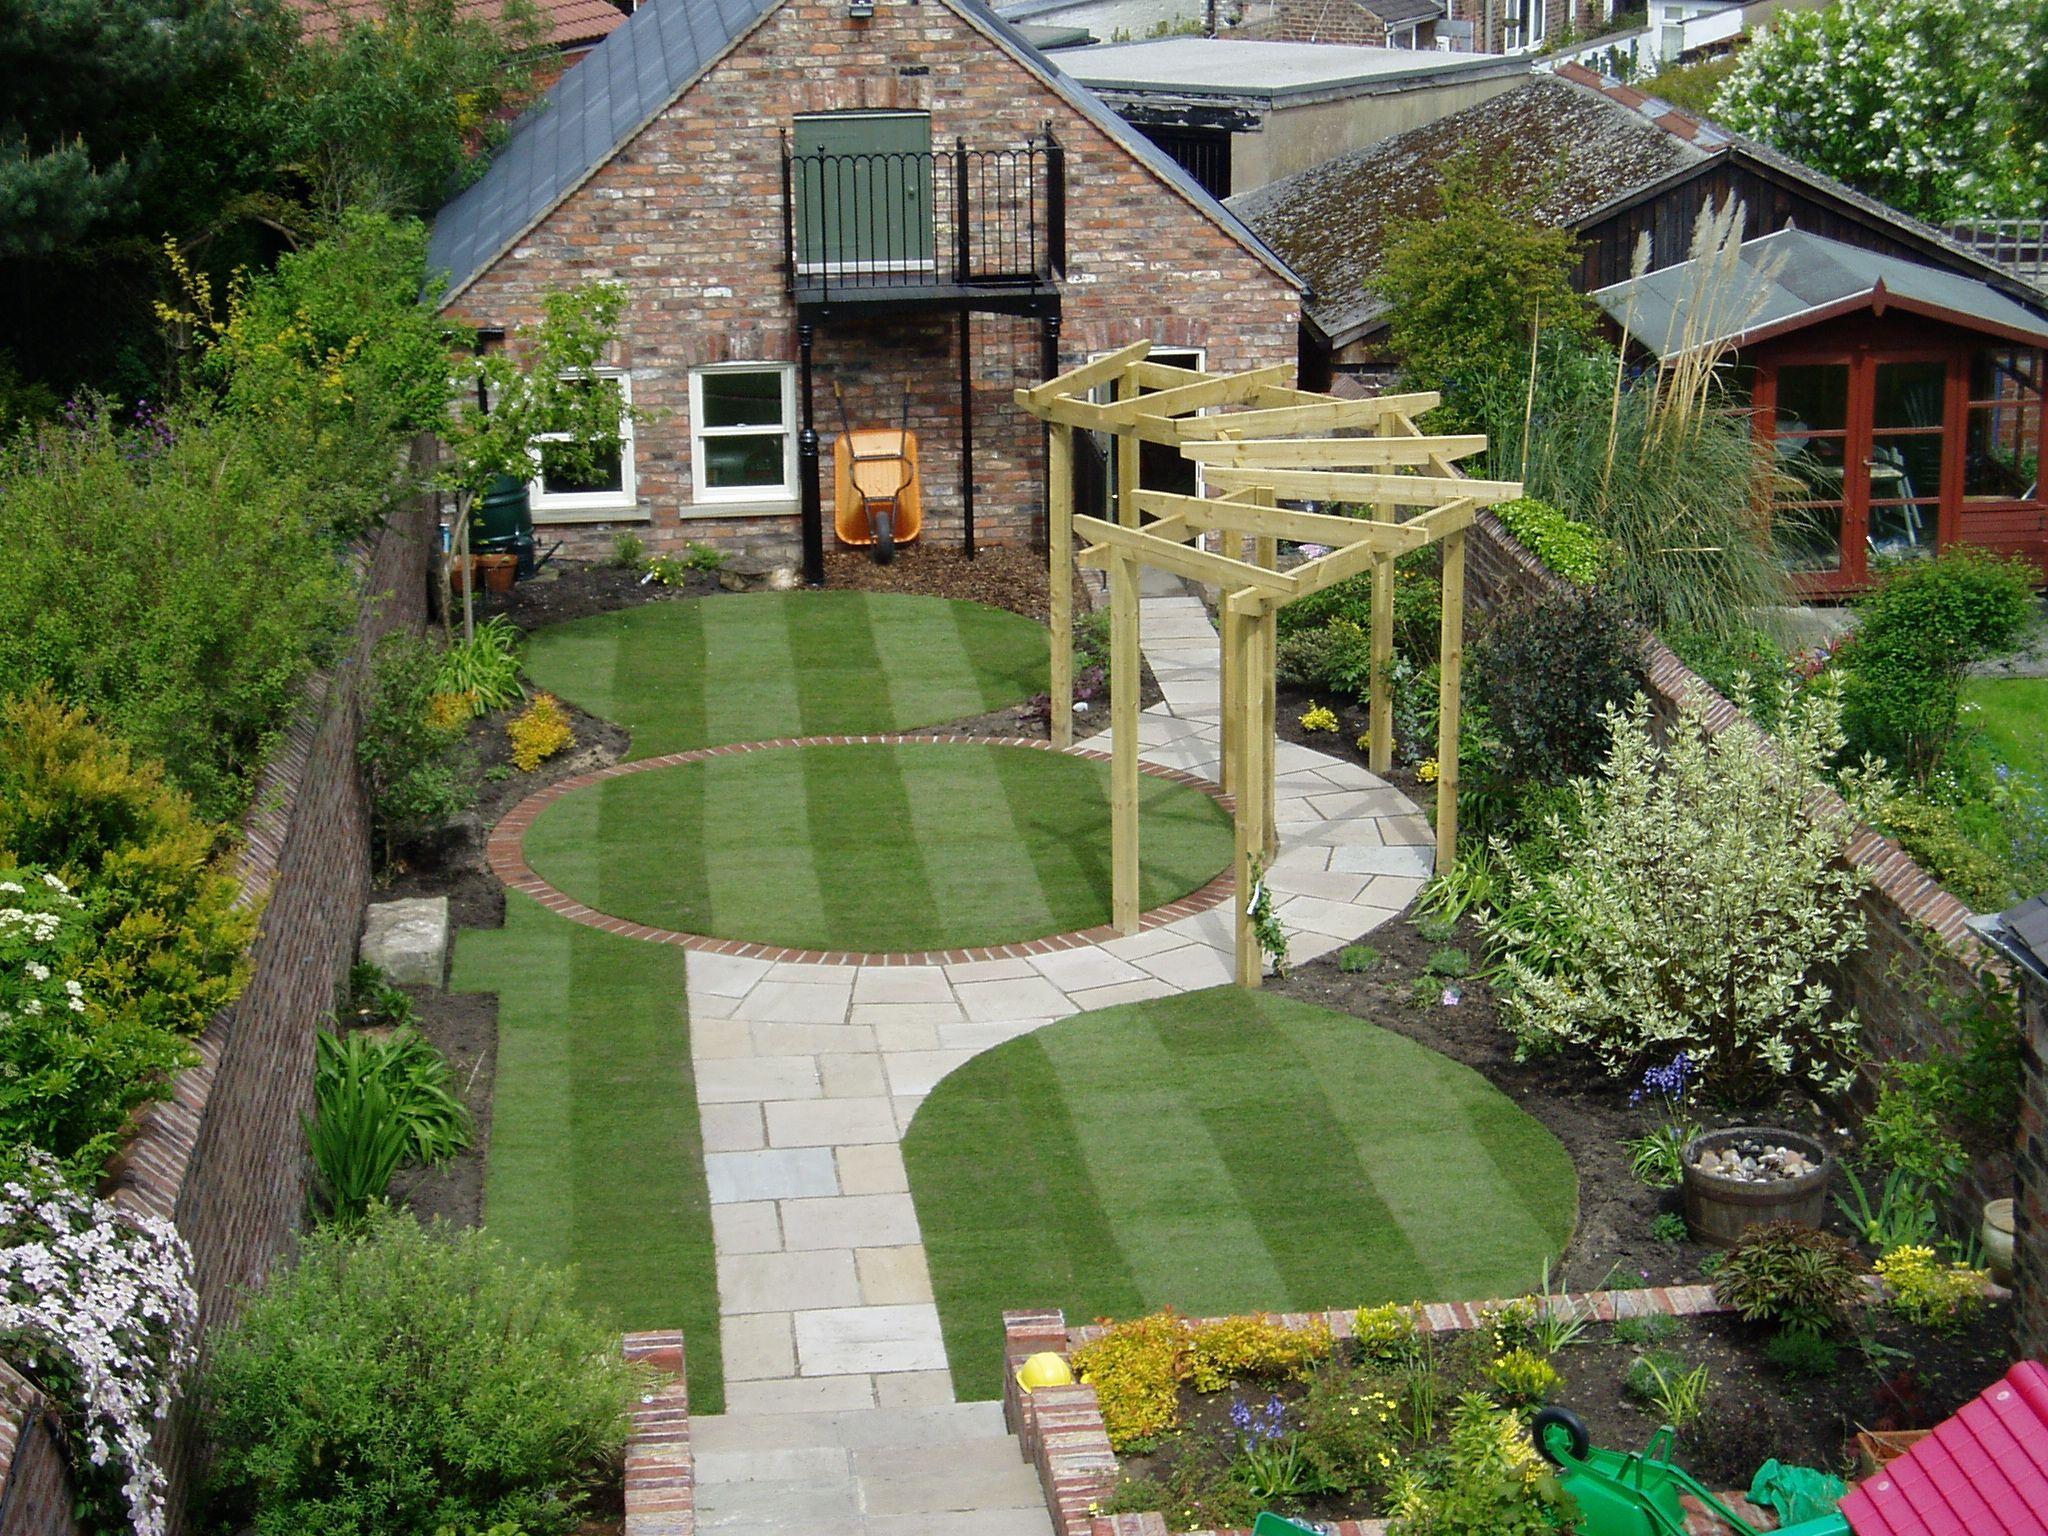 50 Modern Garden Design Ideas To Try In 2017 Gardening throughout size 2048 X 1536